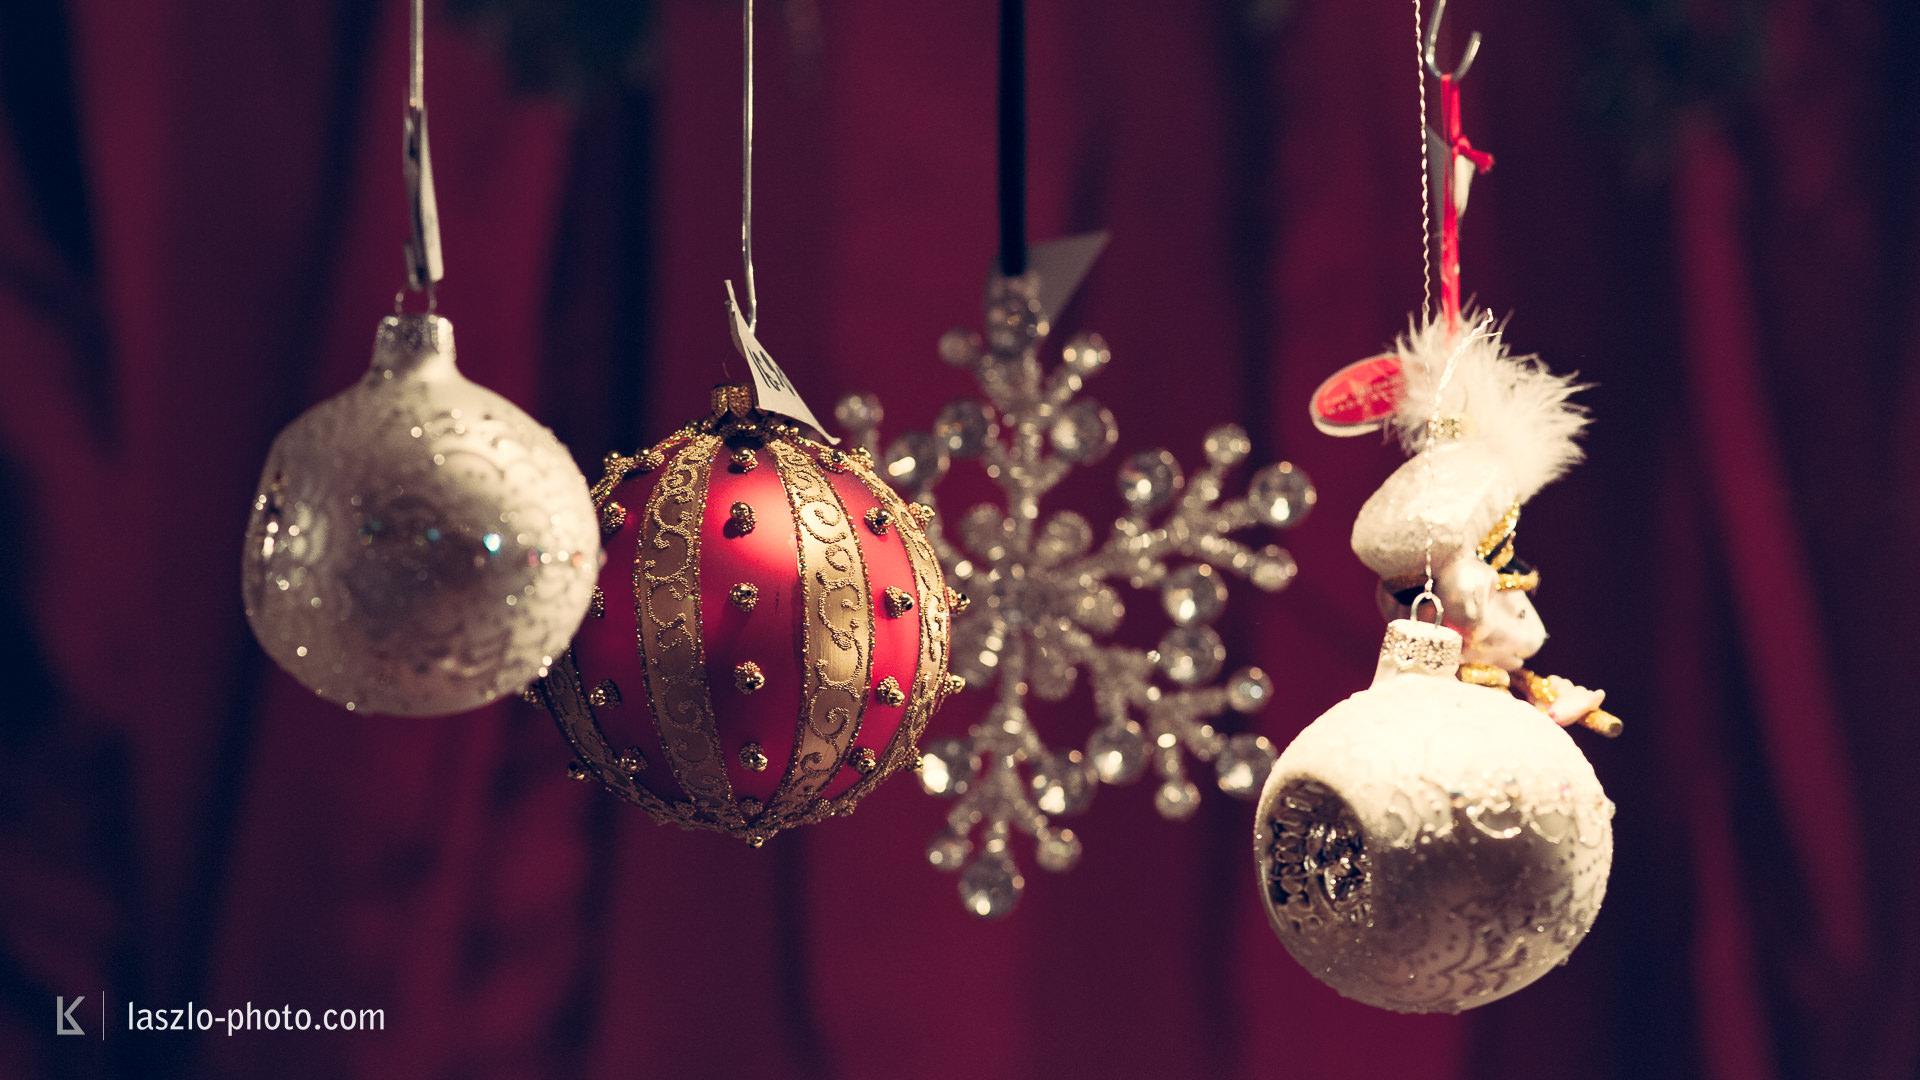 20161209_Weihnachten_Christkindlmarkt-4775